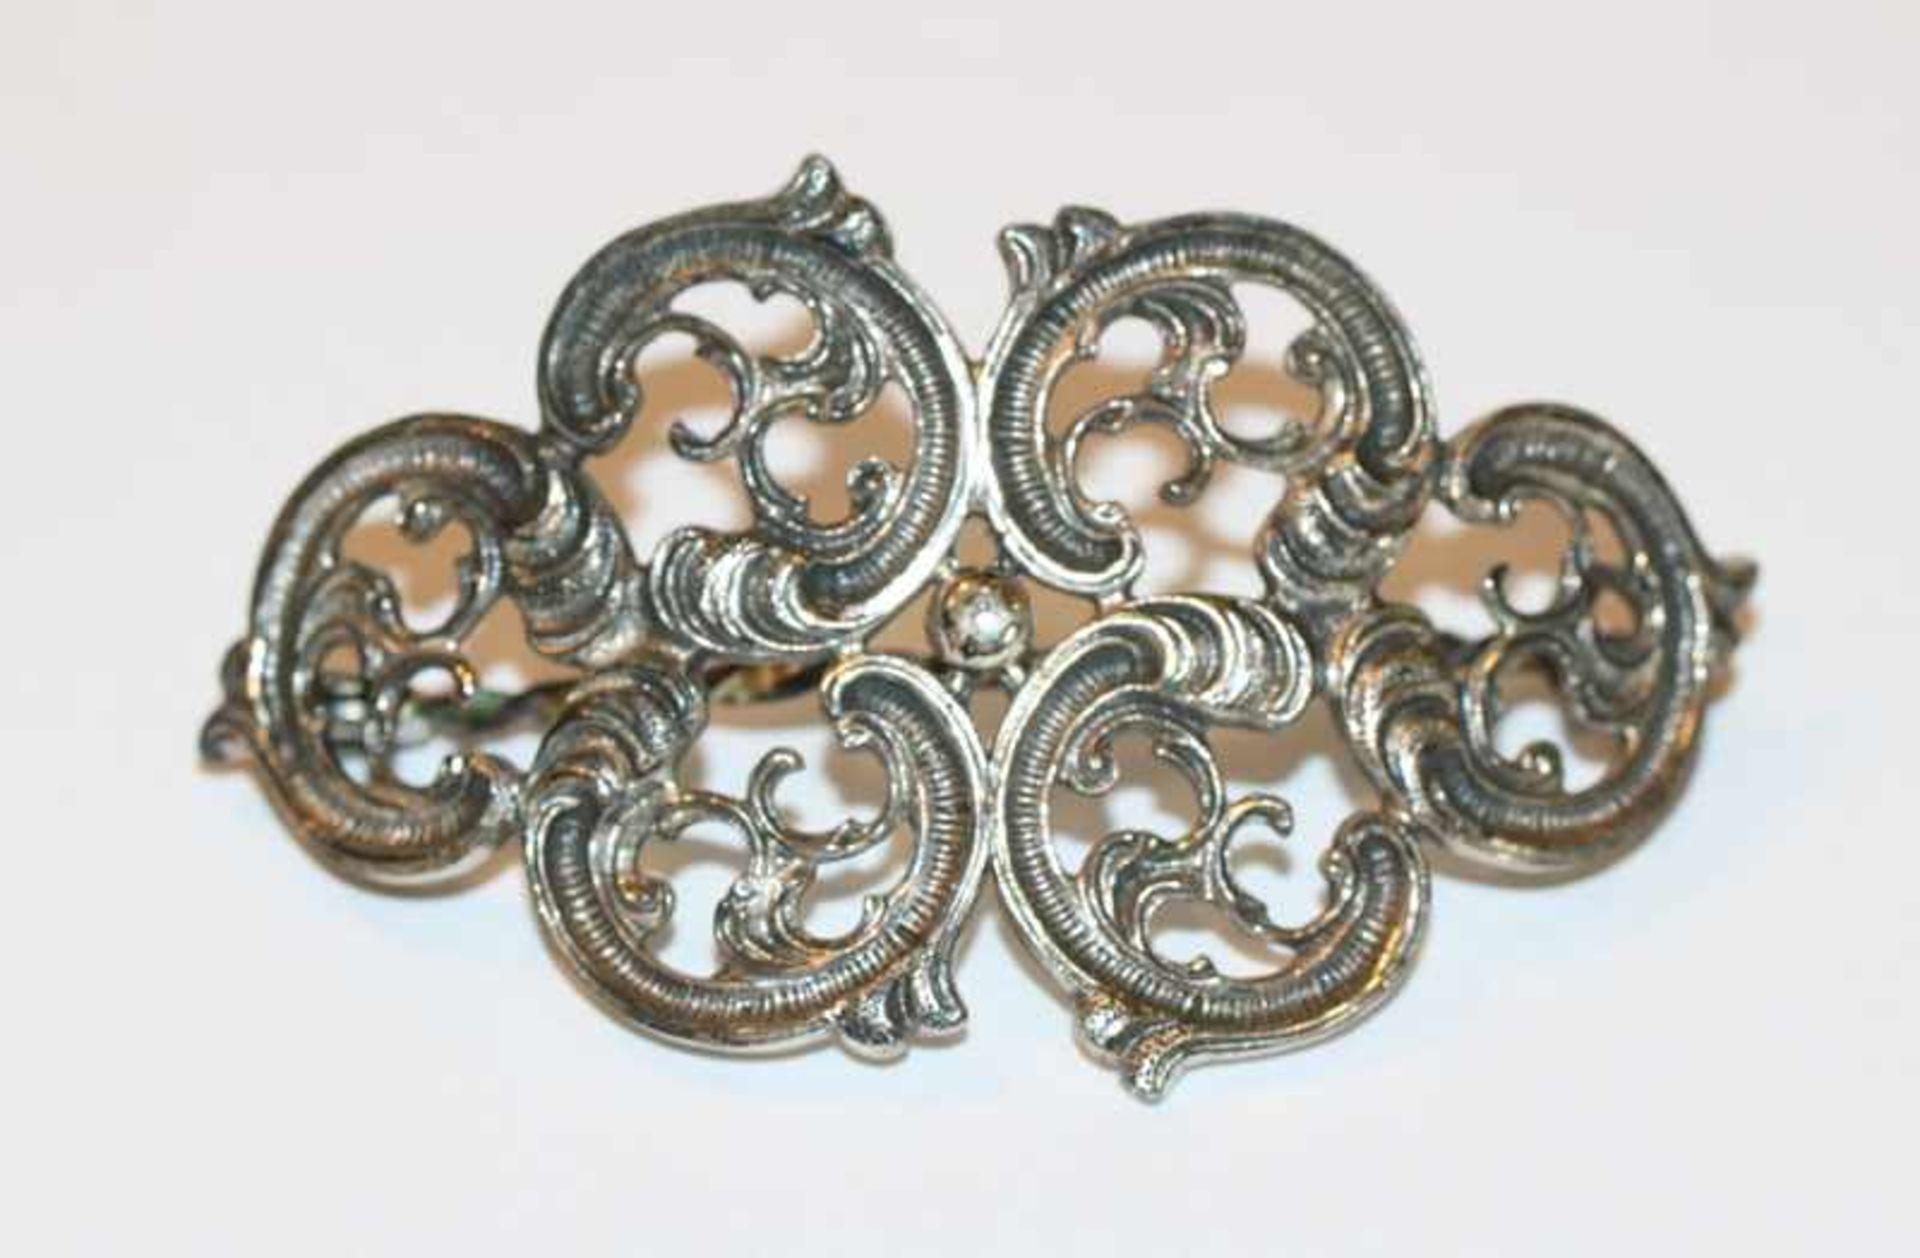 Los 4 - Haarbrosche, 800 Silber, Reliefdekor, H 4,5 cm, B 8 cm